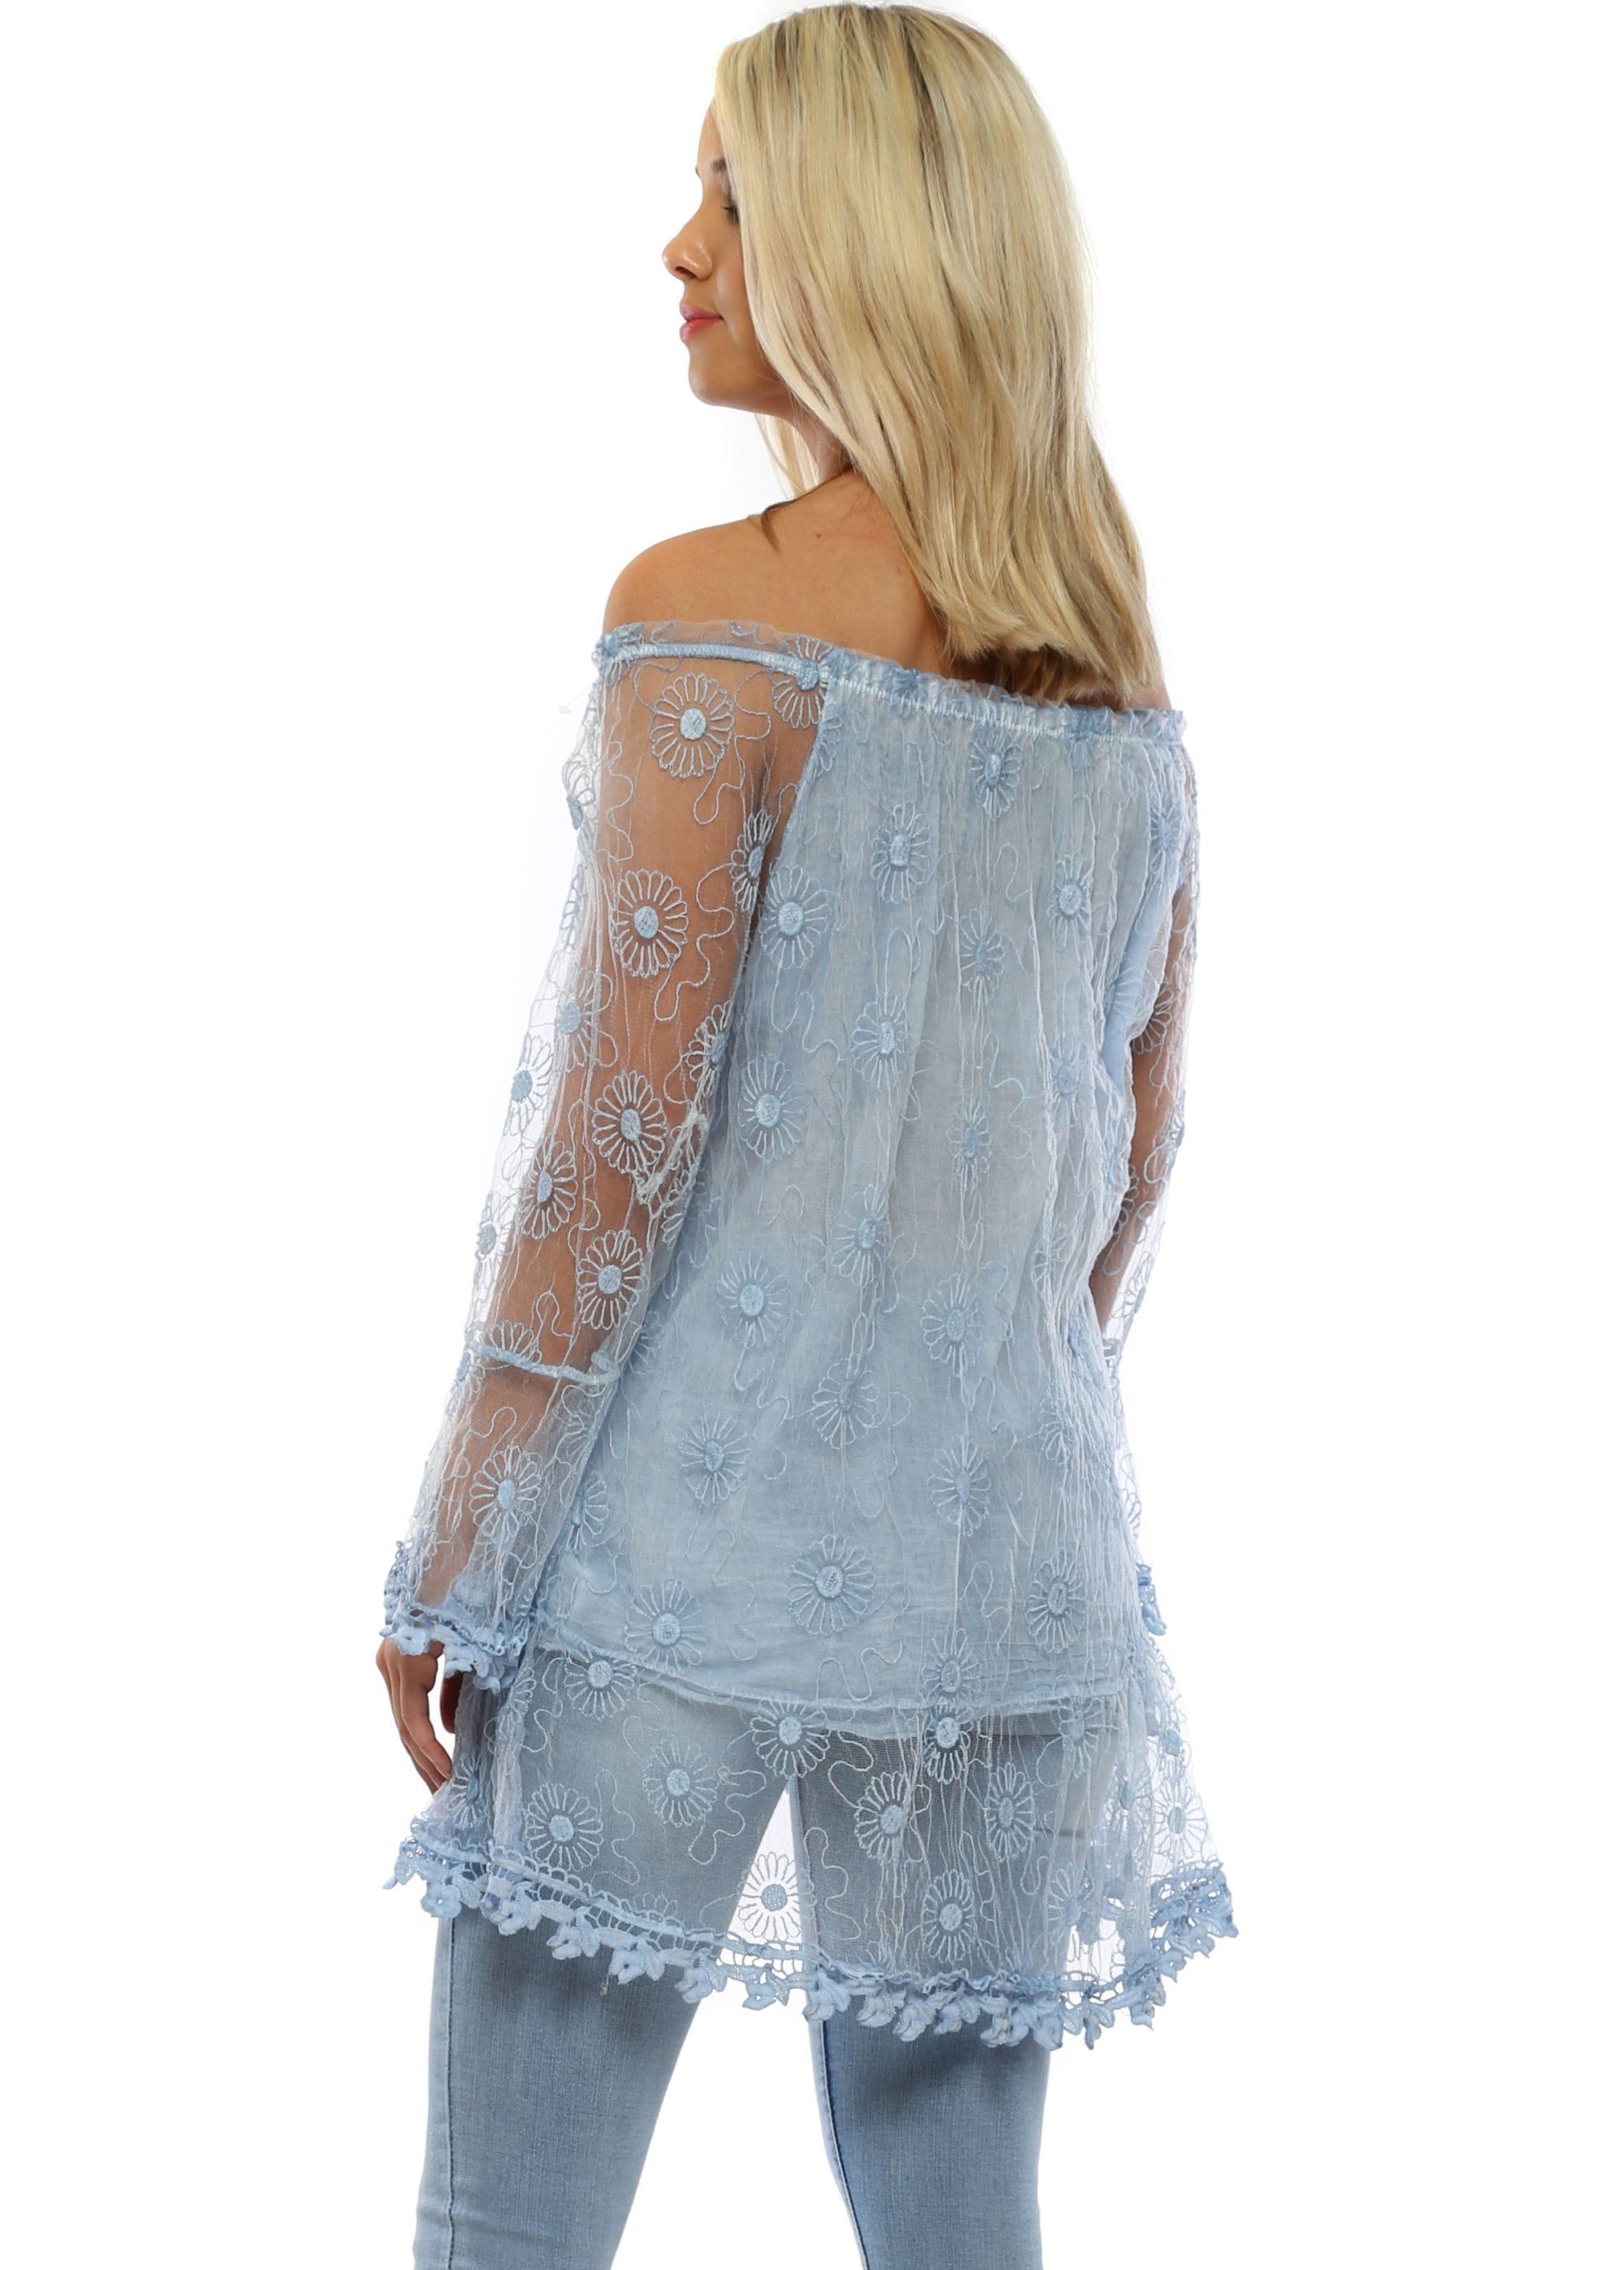 86b921e4149 Made In Italy Top | Blue Bardot Top | Designer Desirables